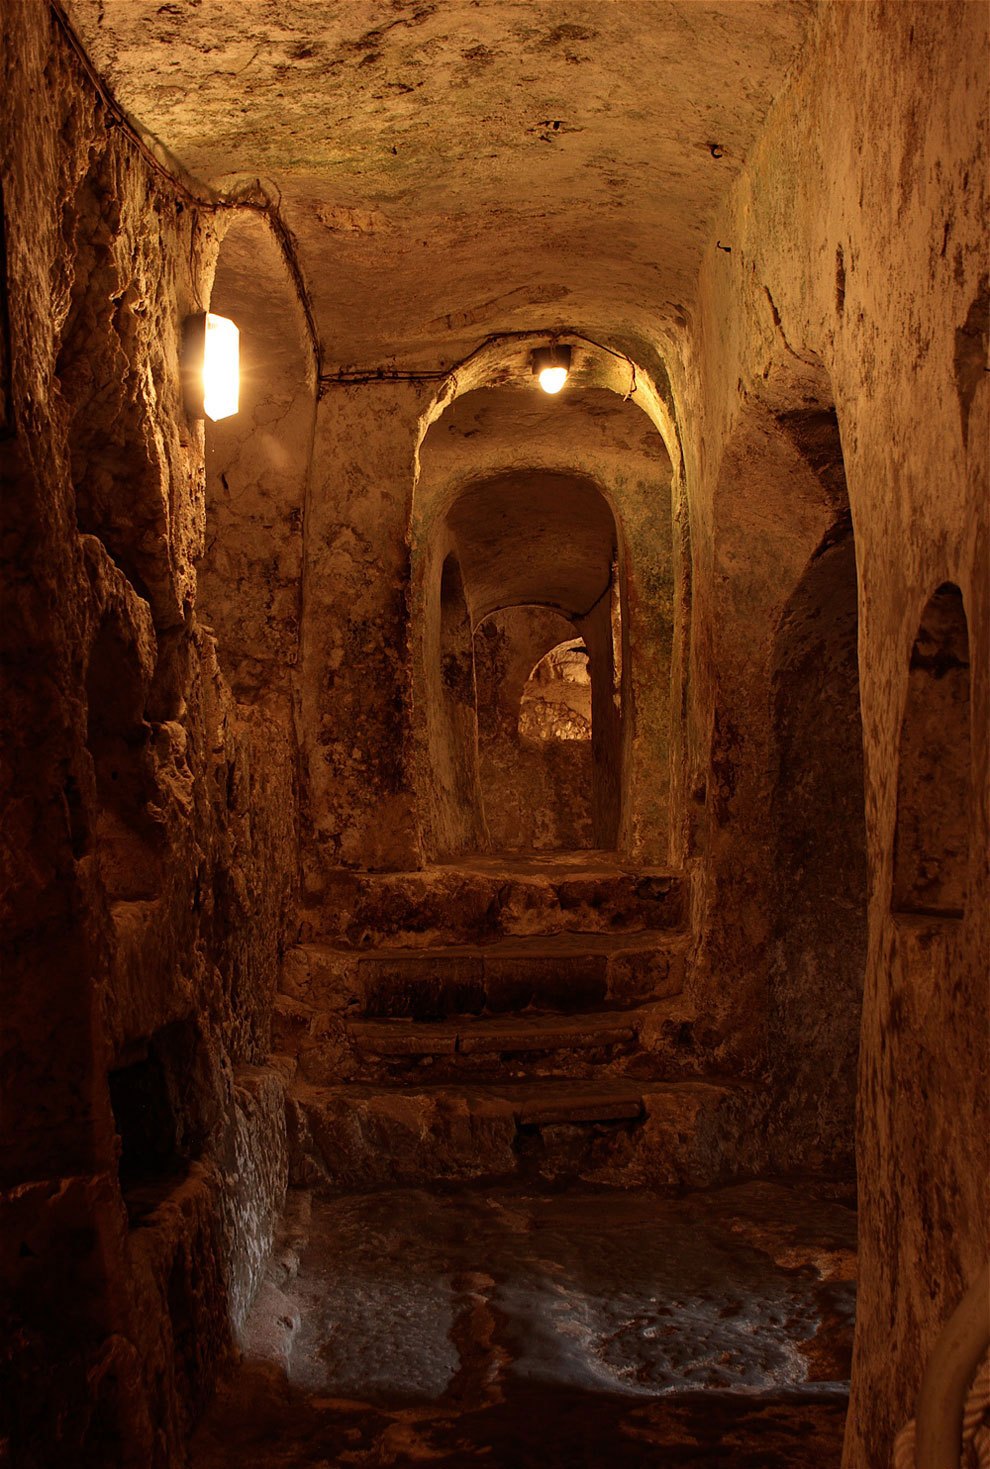 Катакомбы сохранились практически в идеальном состоянии, поскольку в древности их стены покрывали из